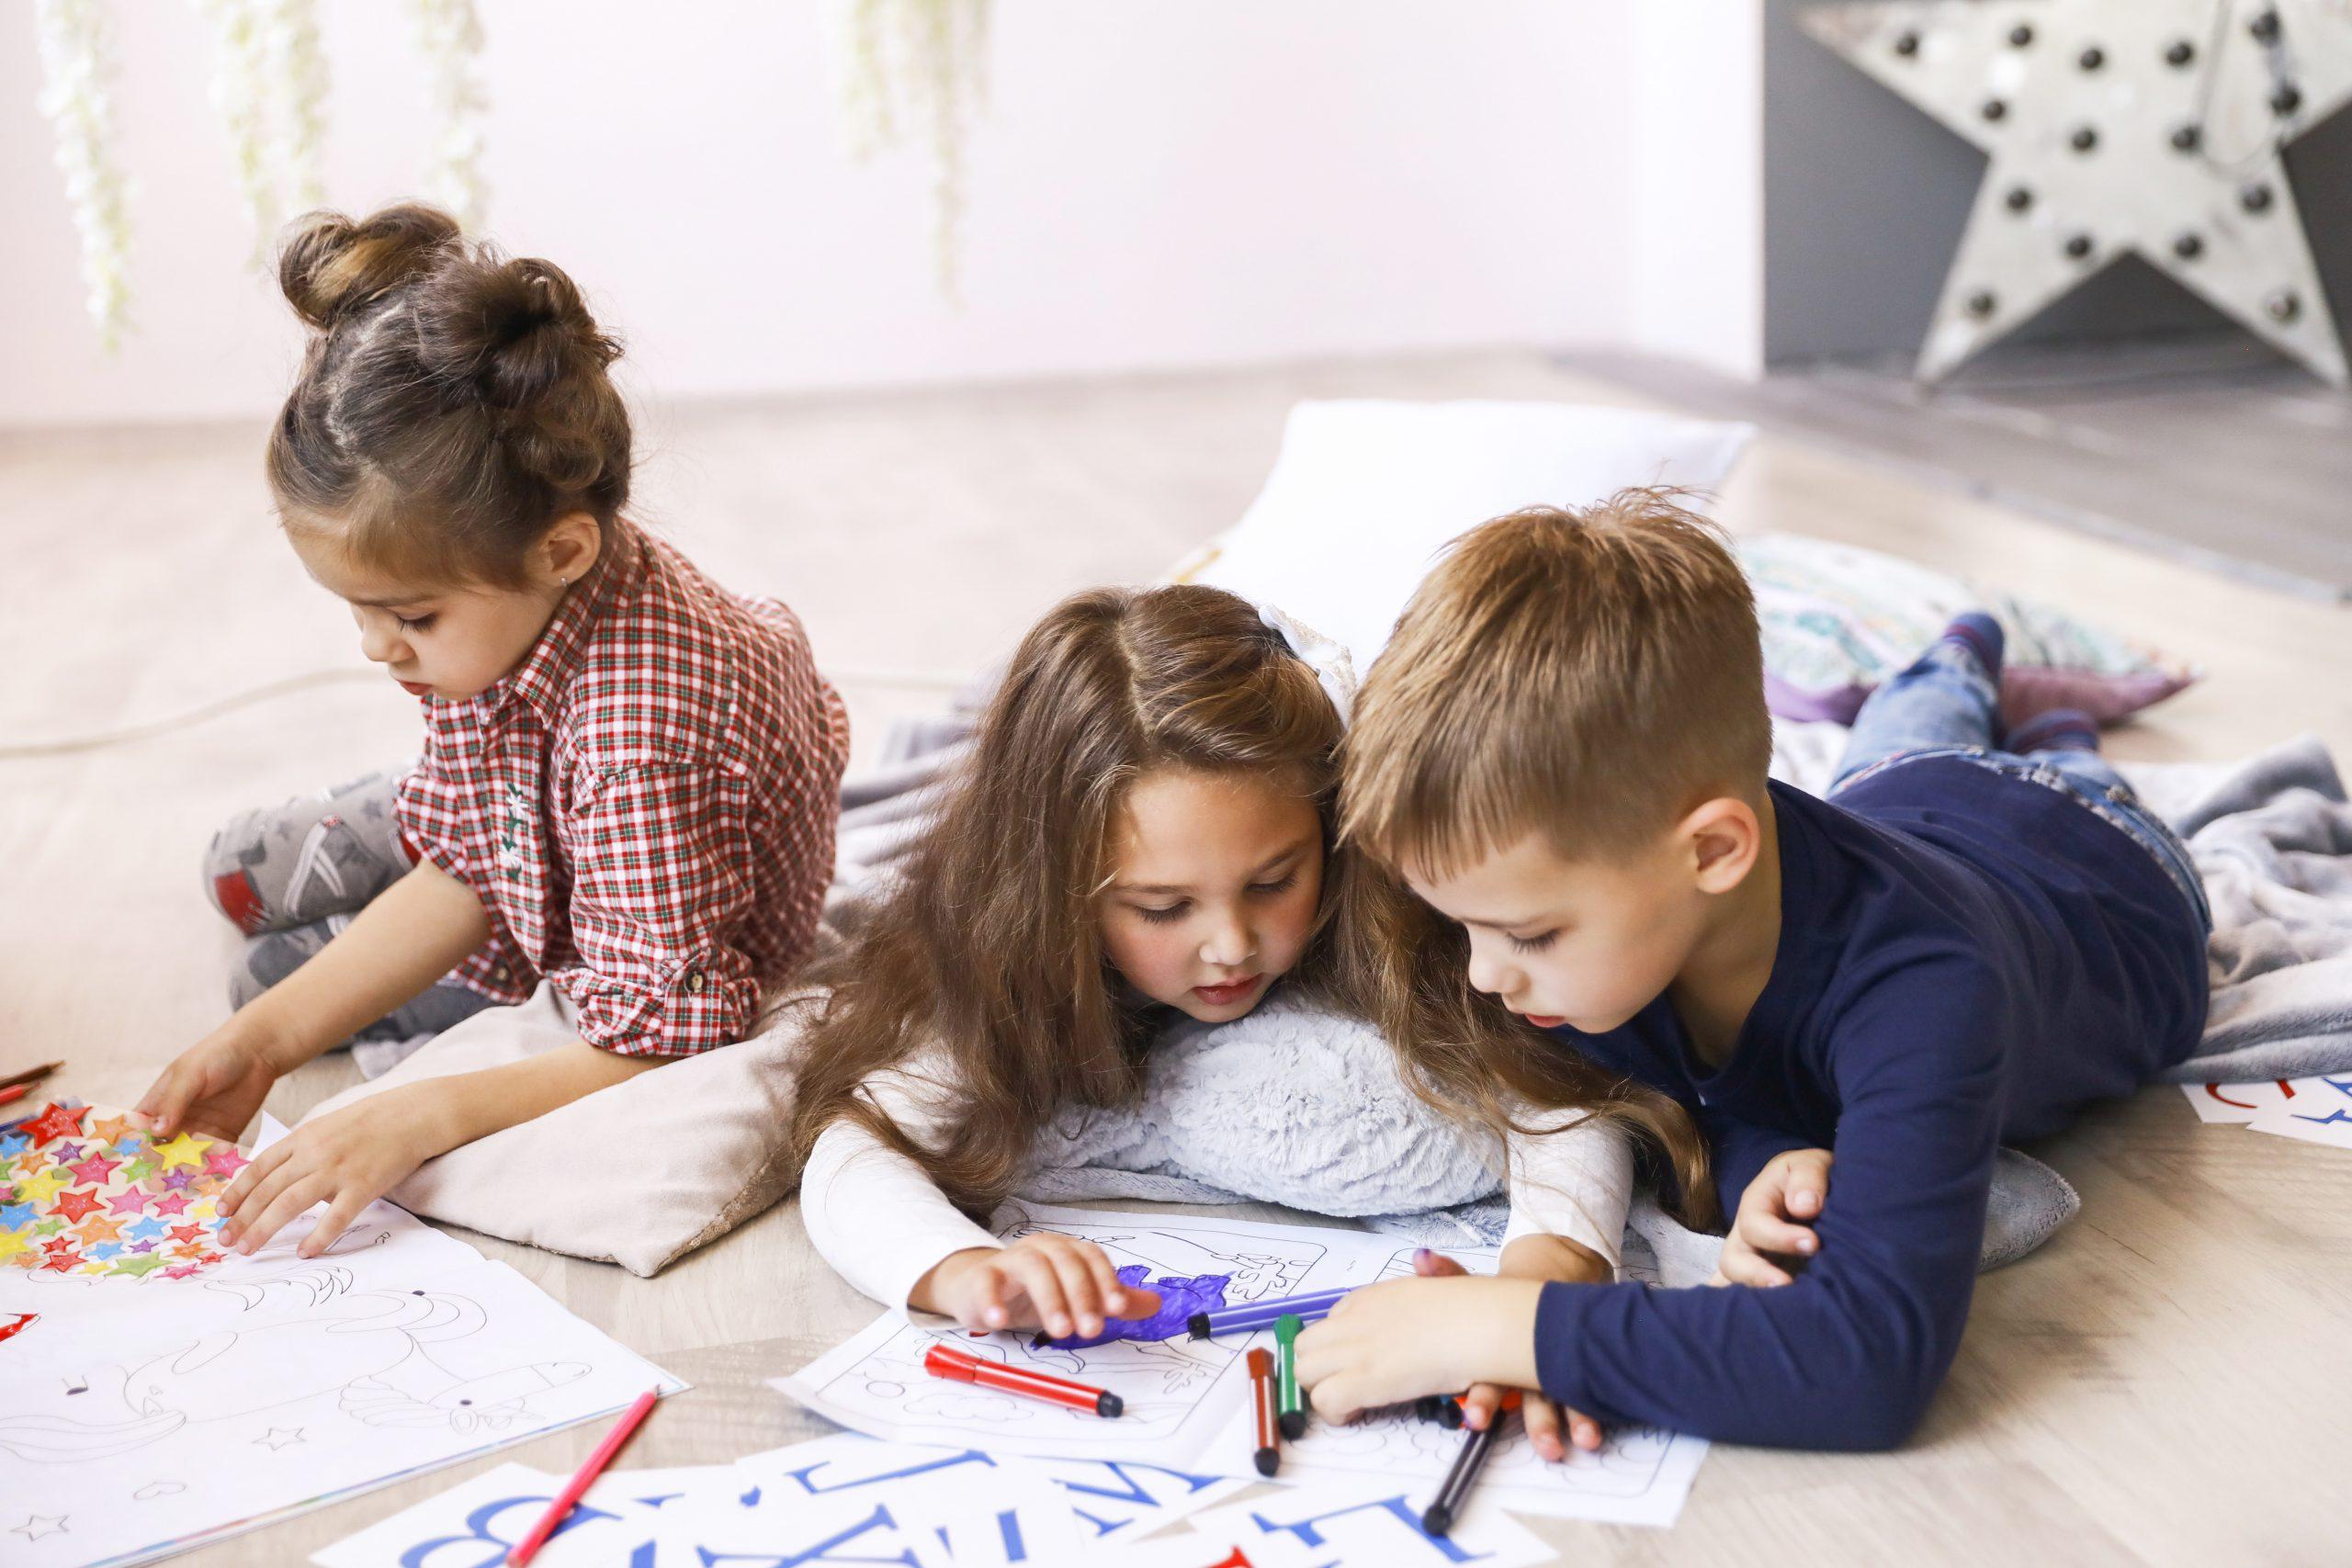 Educar para aumentar la felicidad a través de la empatía